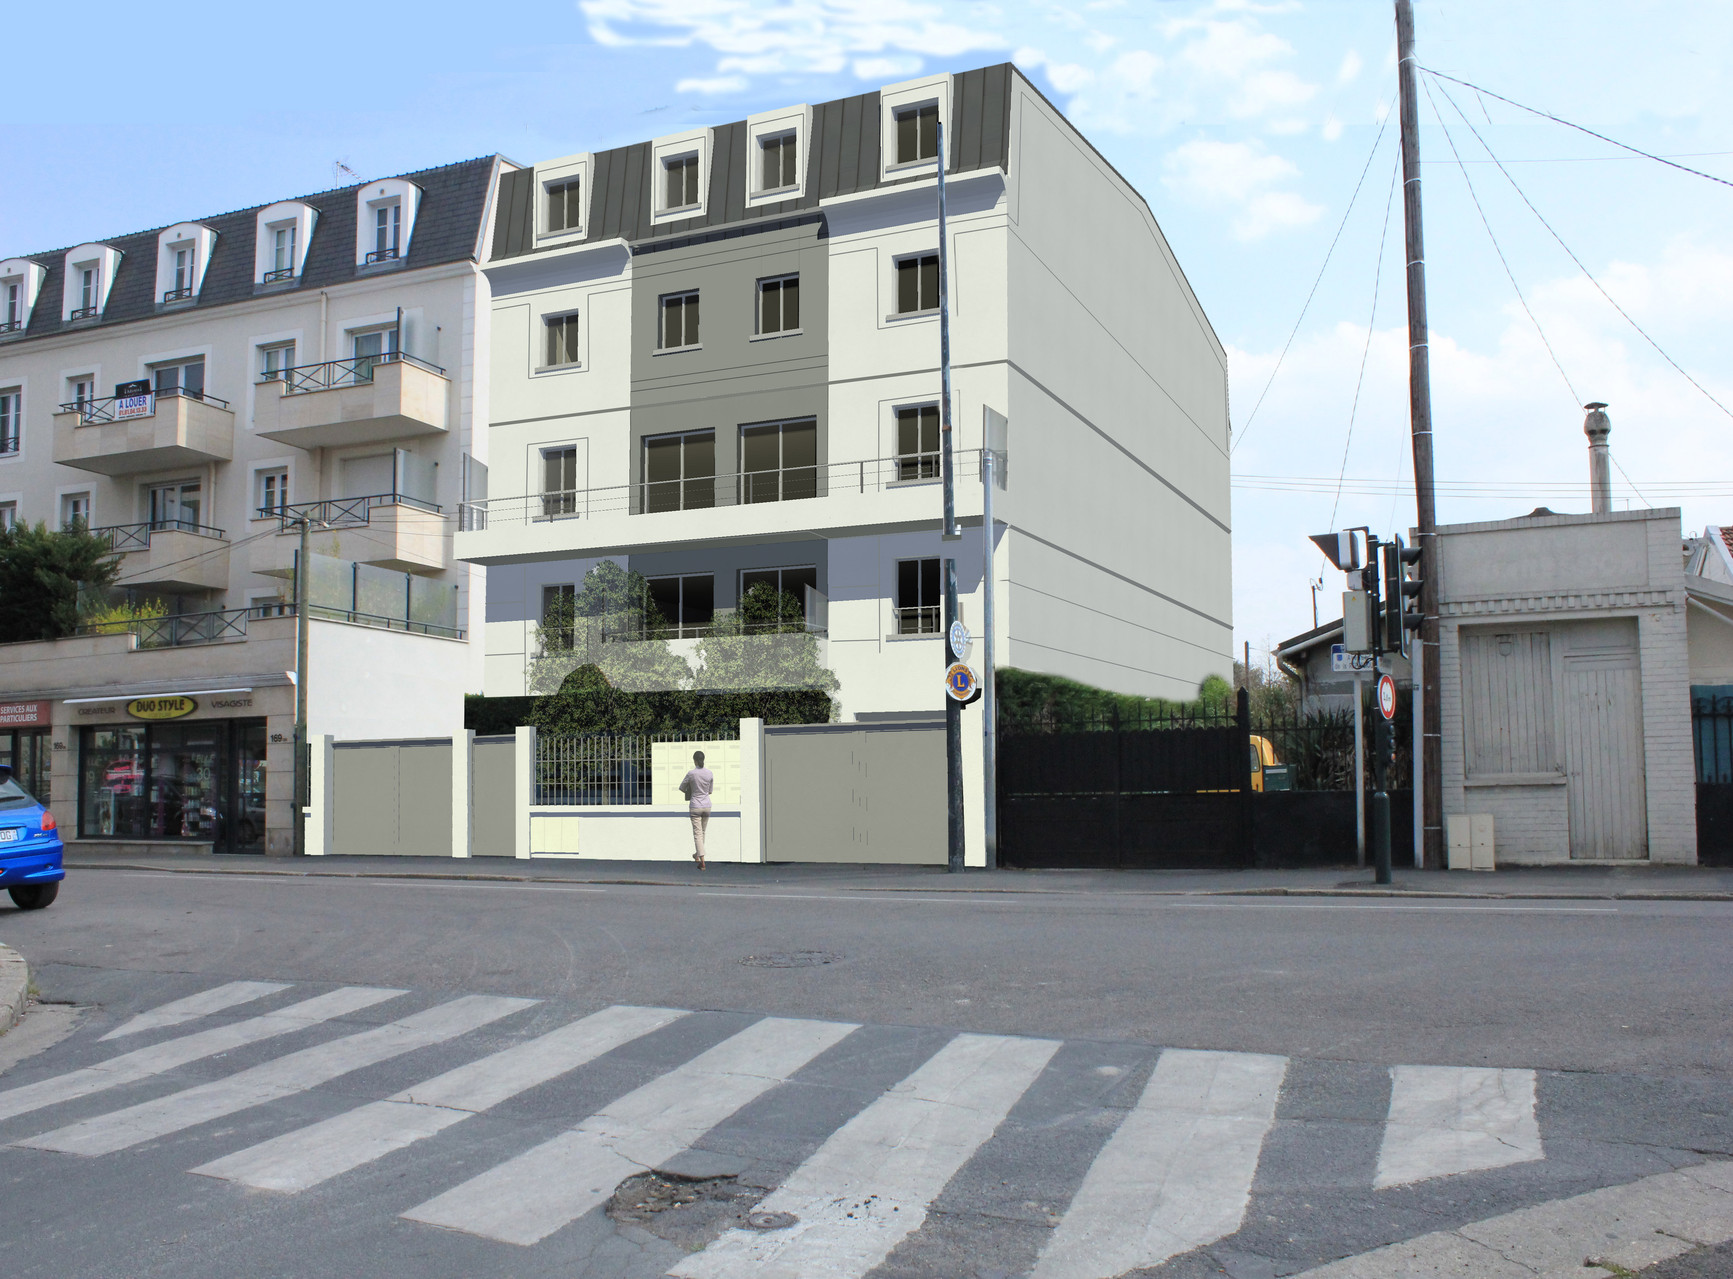 Immeuble de logements collectifs à Sartrouville (78)